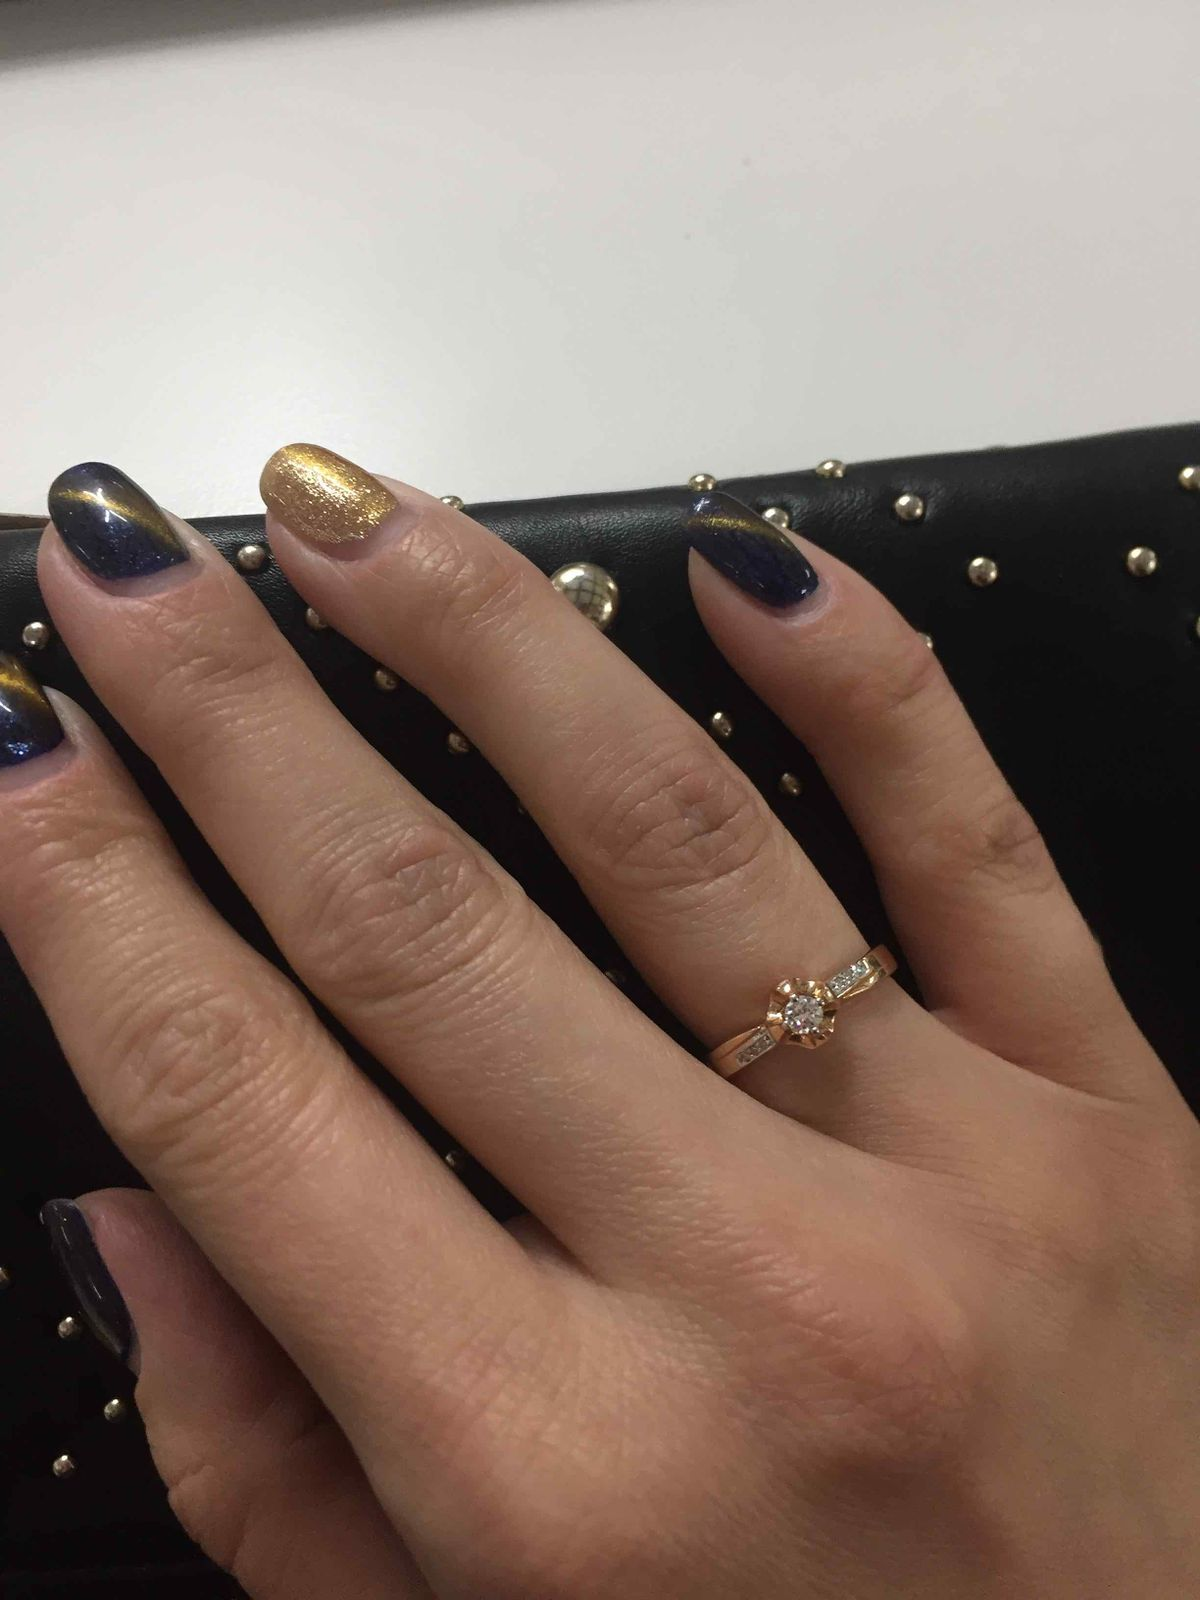 Кольцо с бриллиантами сногсшибательное!!!